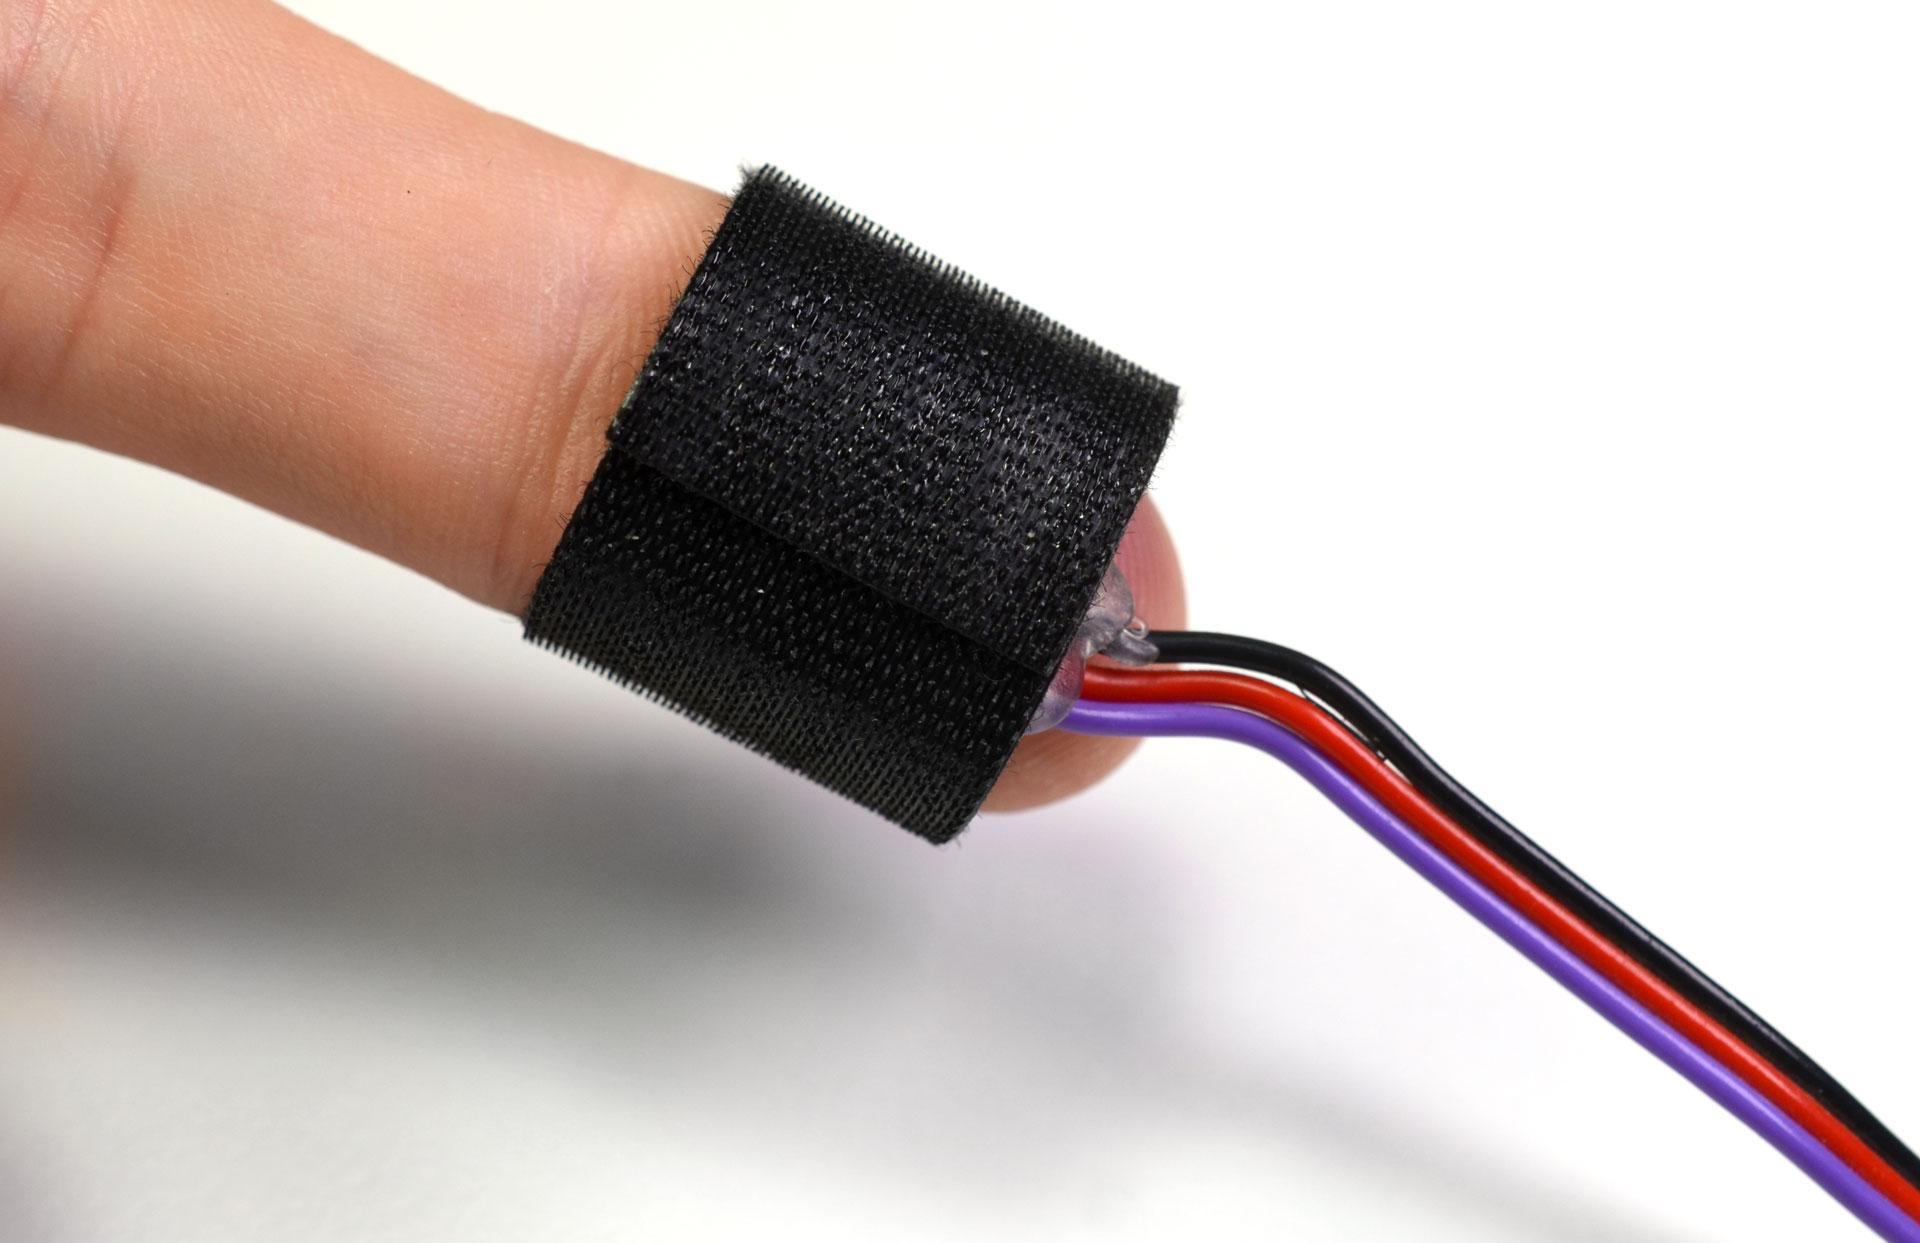 biometric_ps_on_finger2.jpg